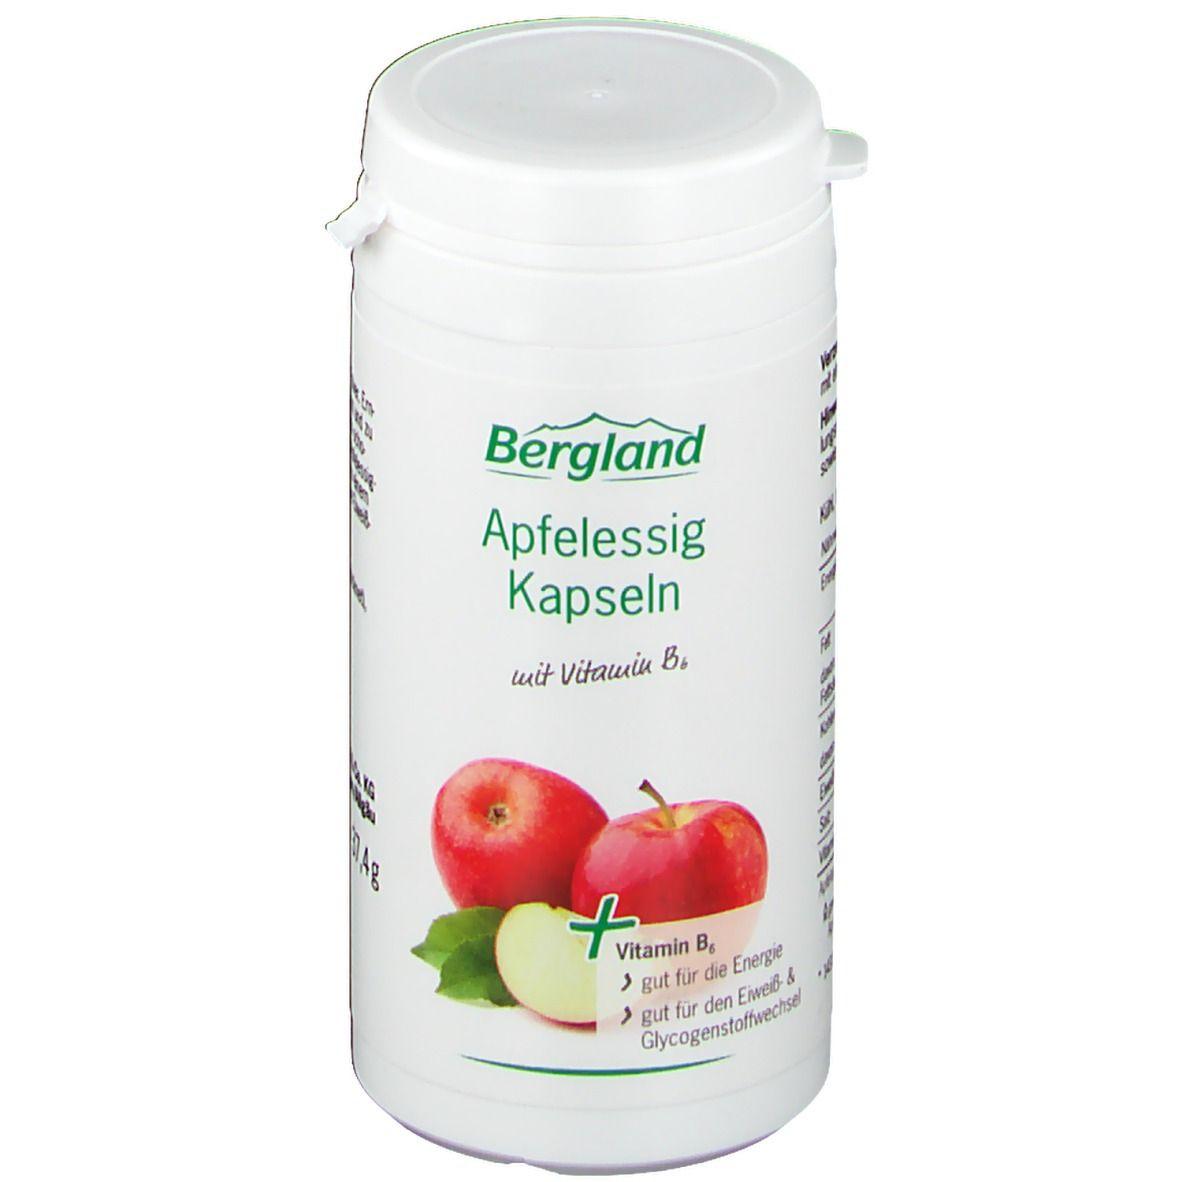 Bergland Apfelessig Kapsel